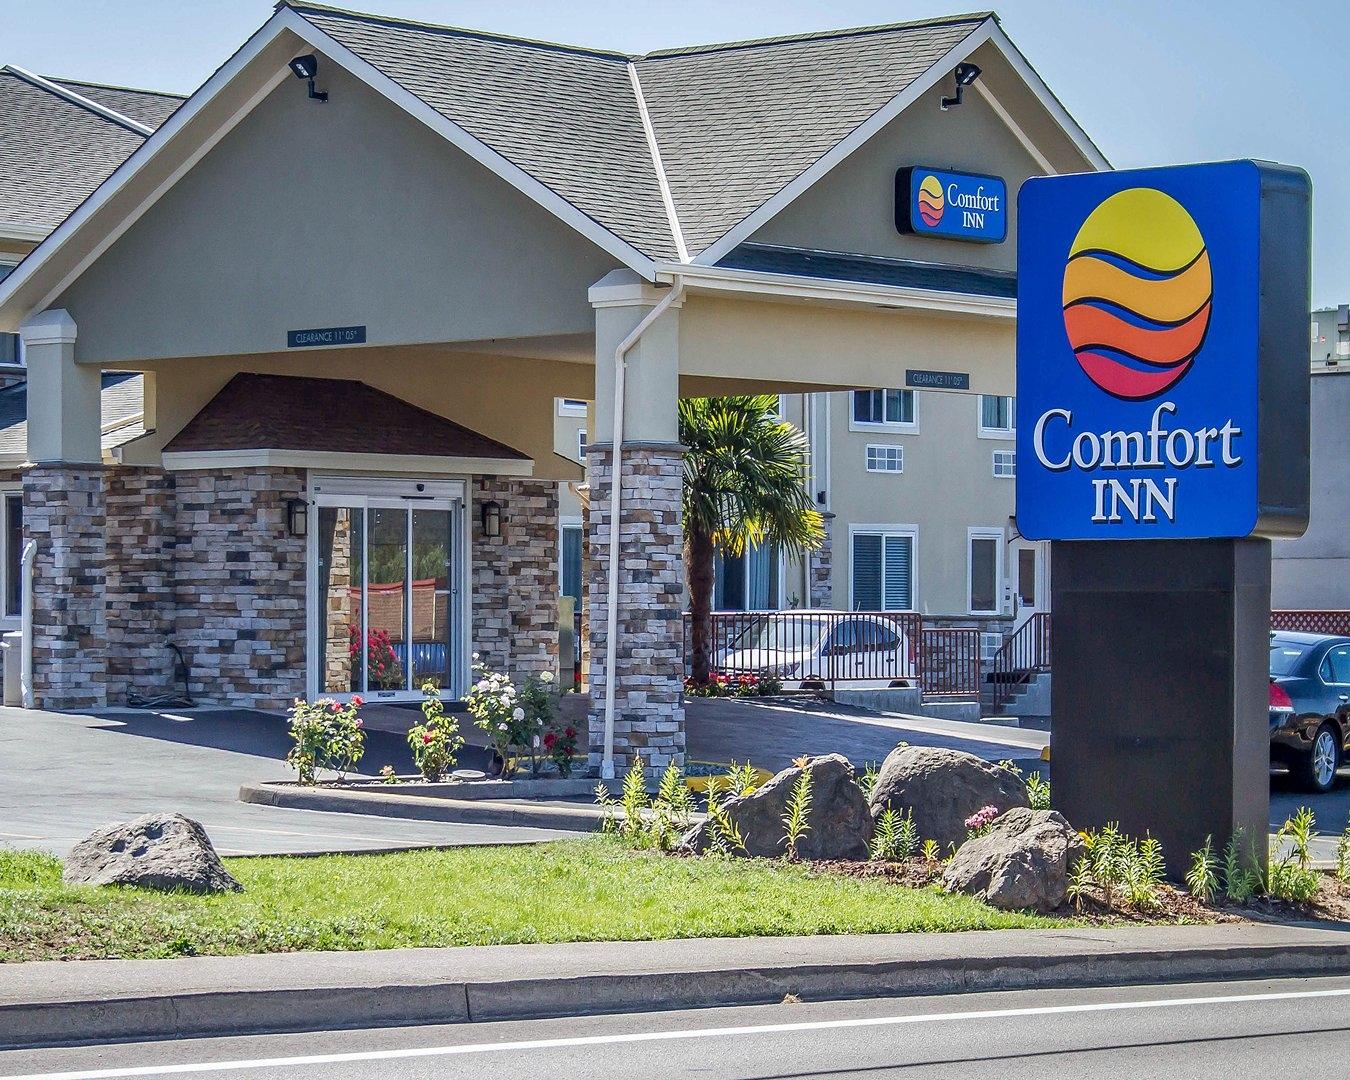 Comfort Inn, Roseburg OR